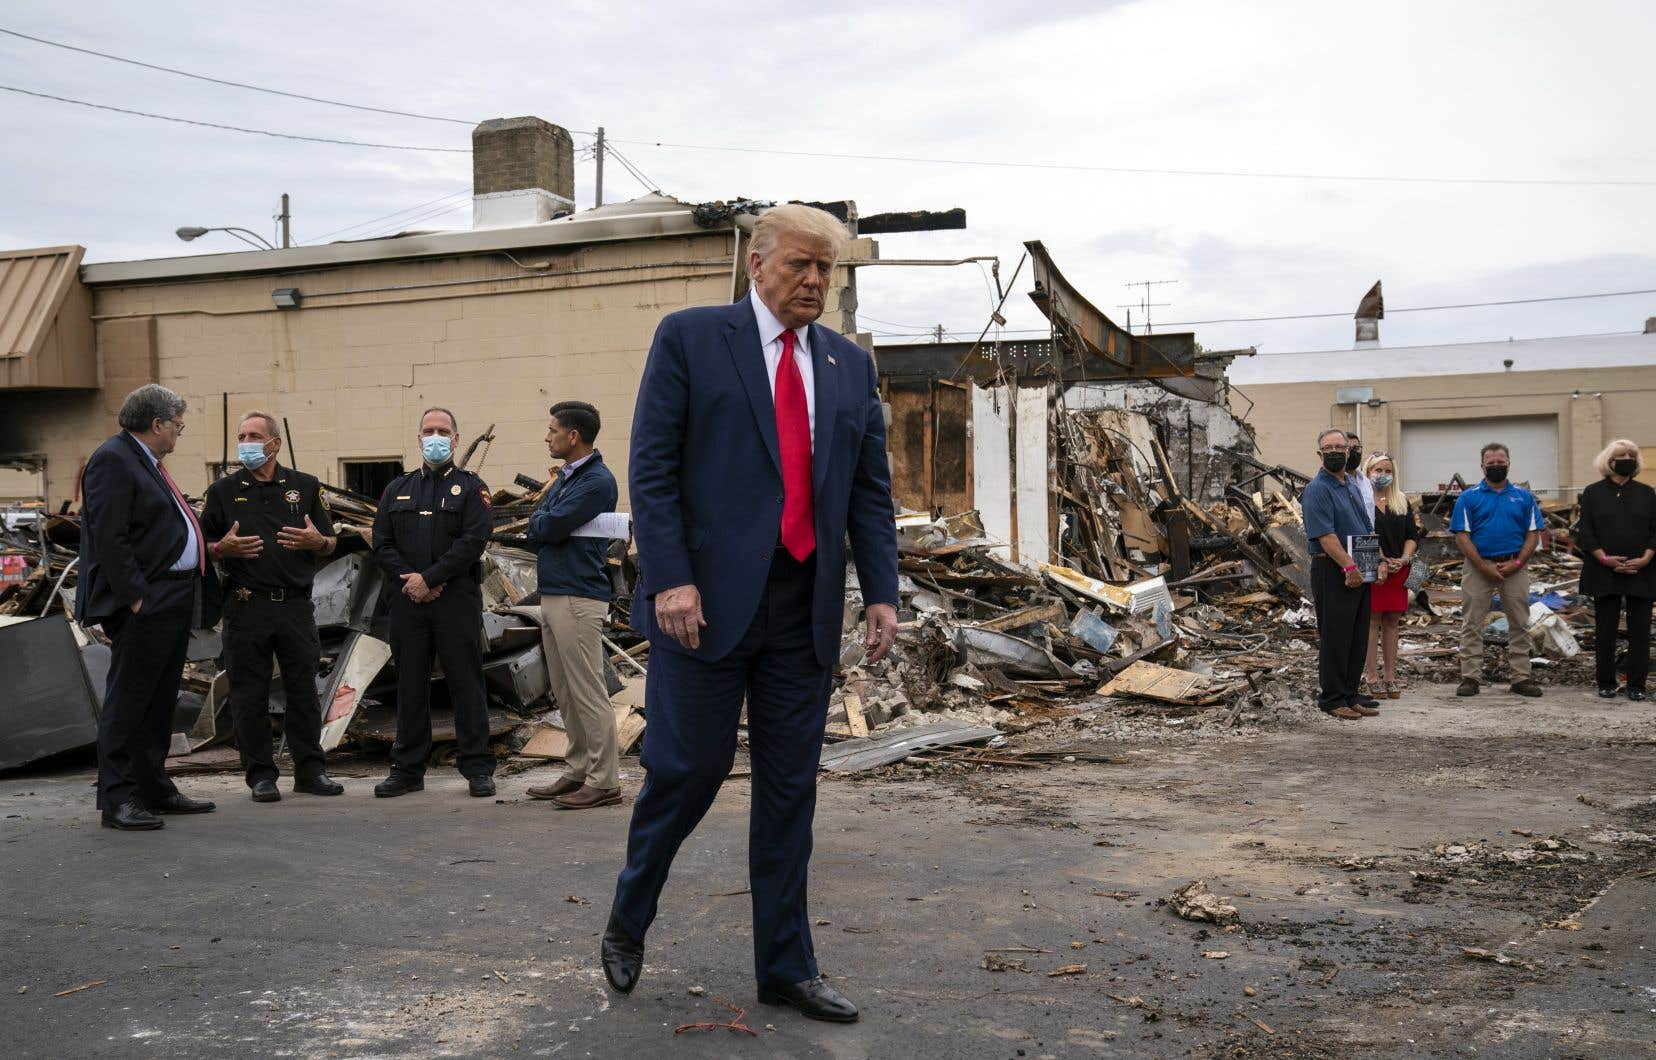 De passage à Kenosha mardi, le président américain sortant, Donald Trump, a cherché une nouvelle fois à faire porter le chapeau au démocrate pour la violence urbaine qui se répand depuis le début de l'été dans plusieurs villes du pays. Sur la photo, un secteur de la ville récemment endommagé lors de rassemblements en soutien à Jacob Blake.